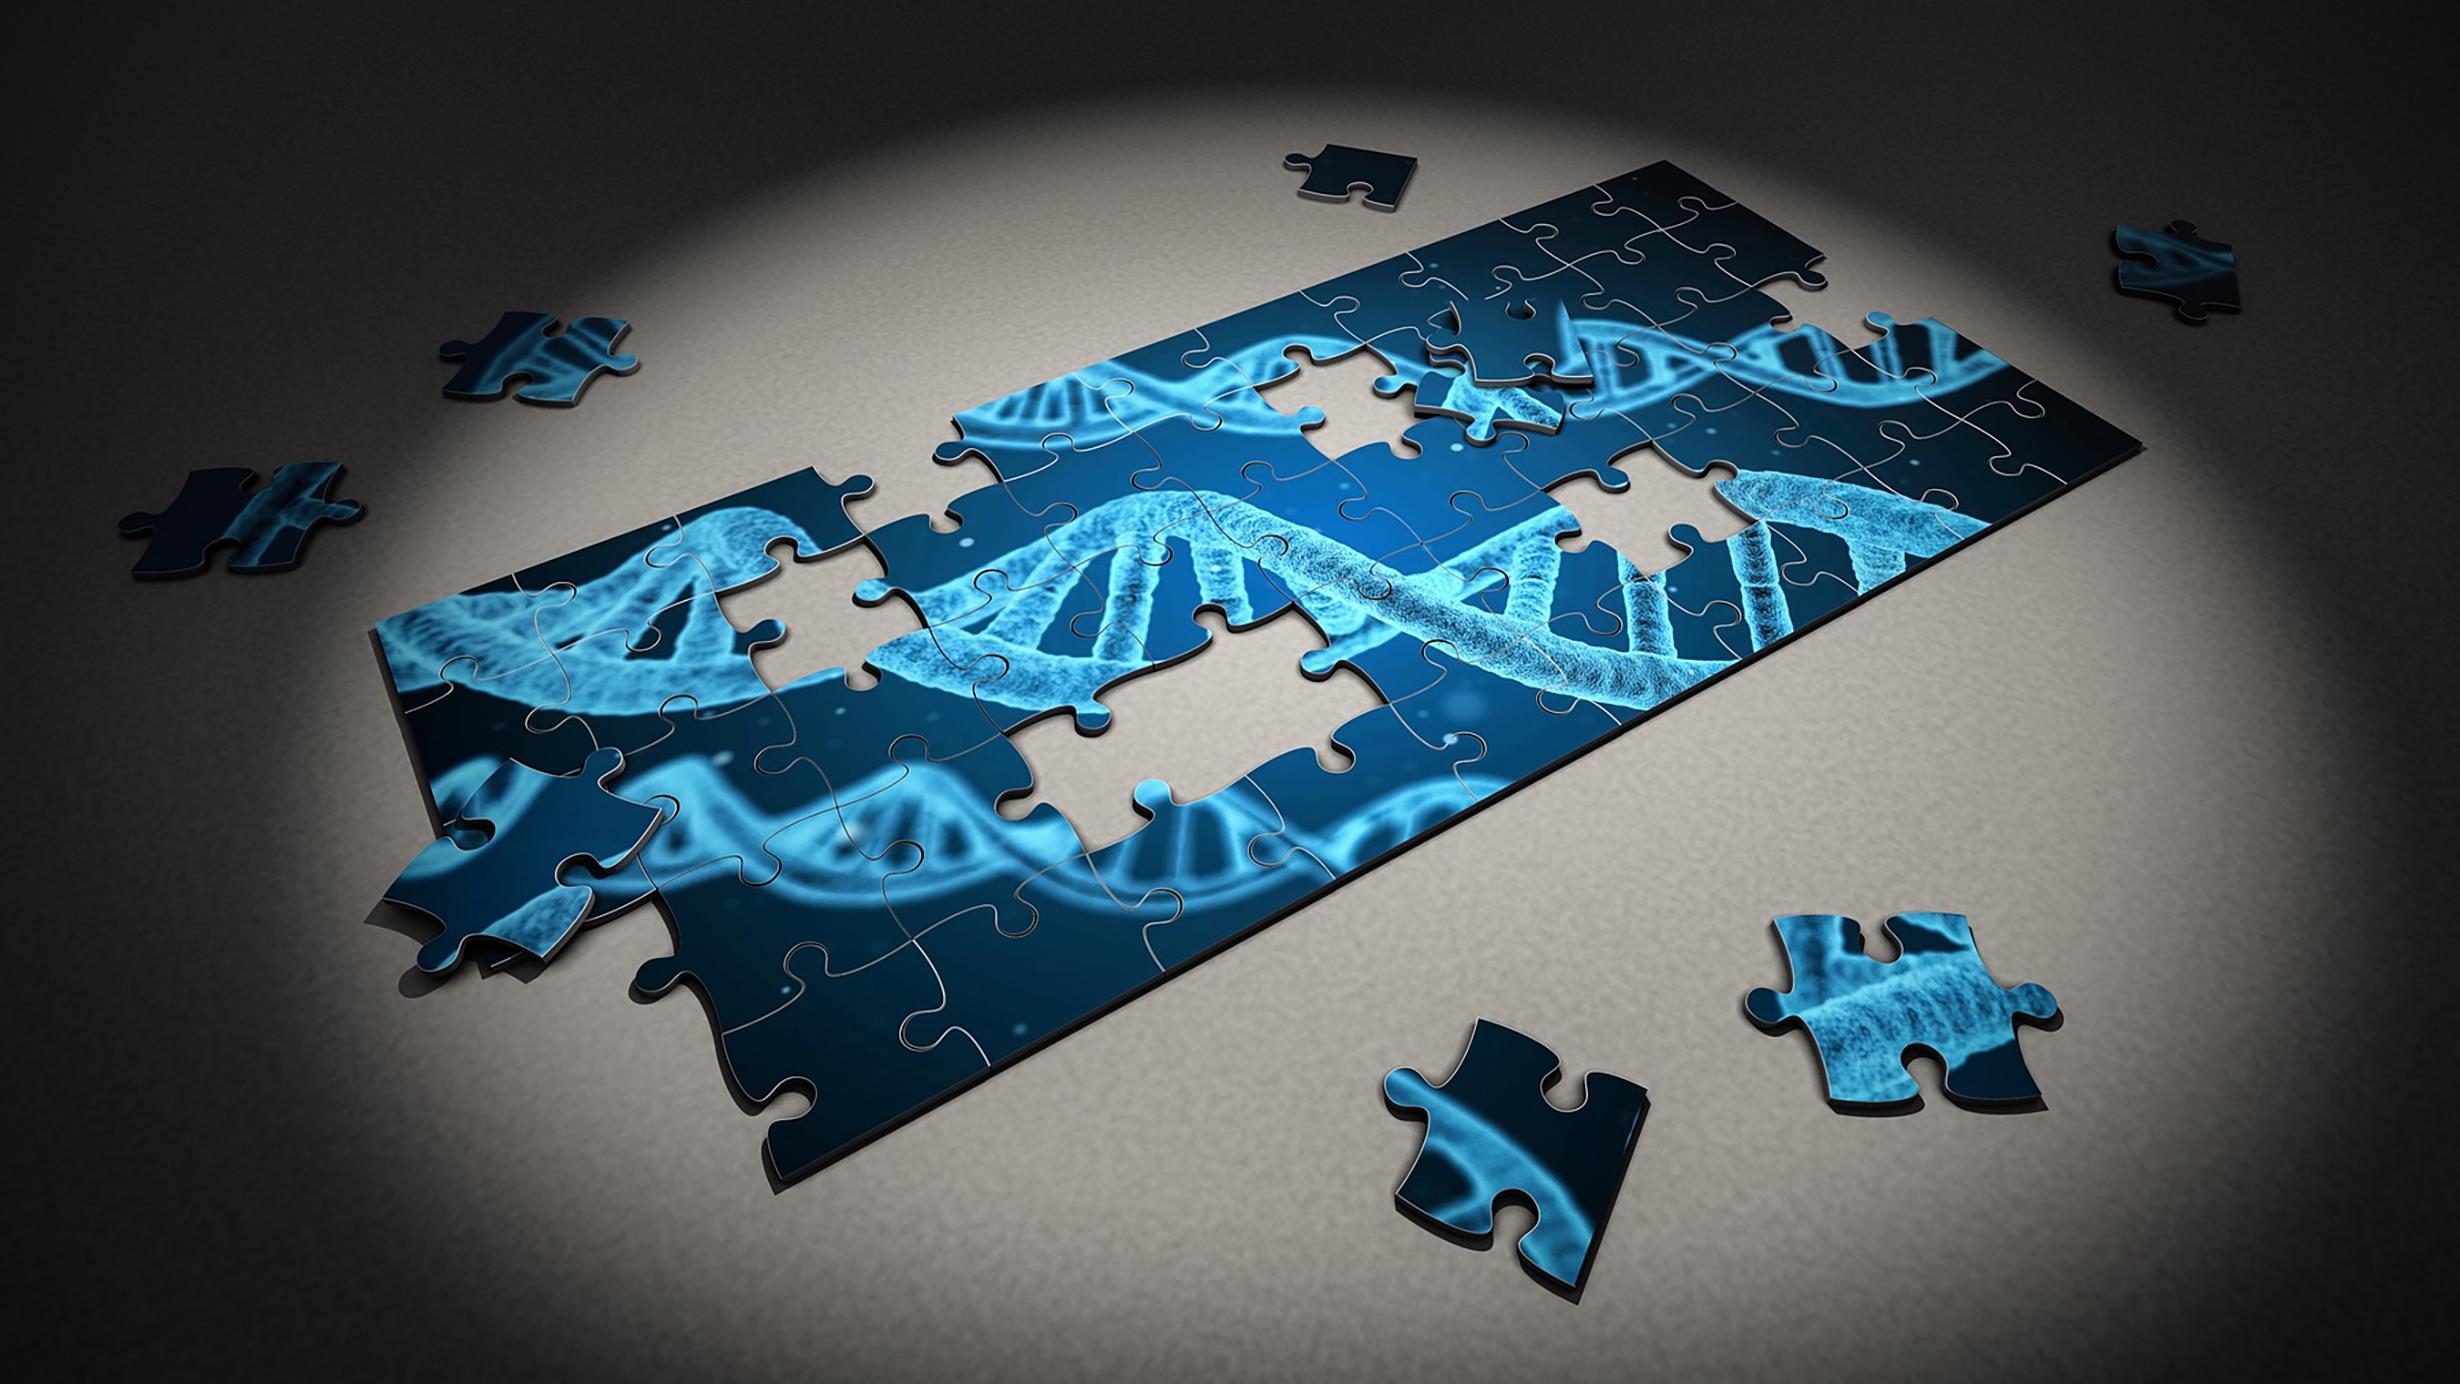 puzzle-2500333_1920.jpg